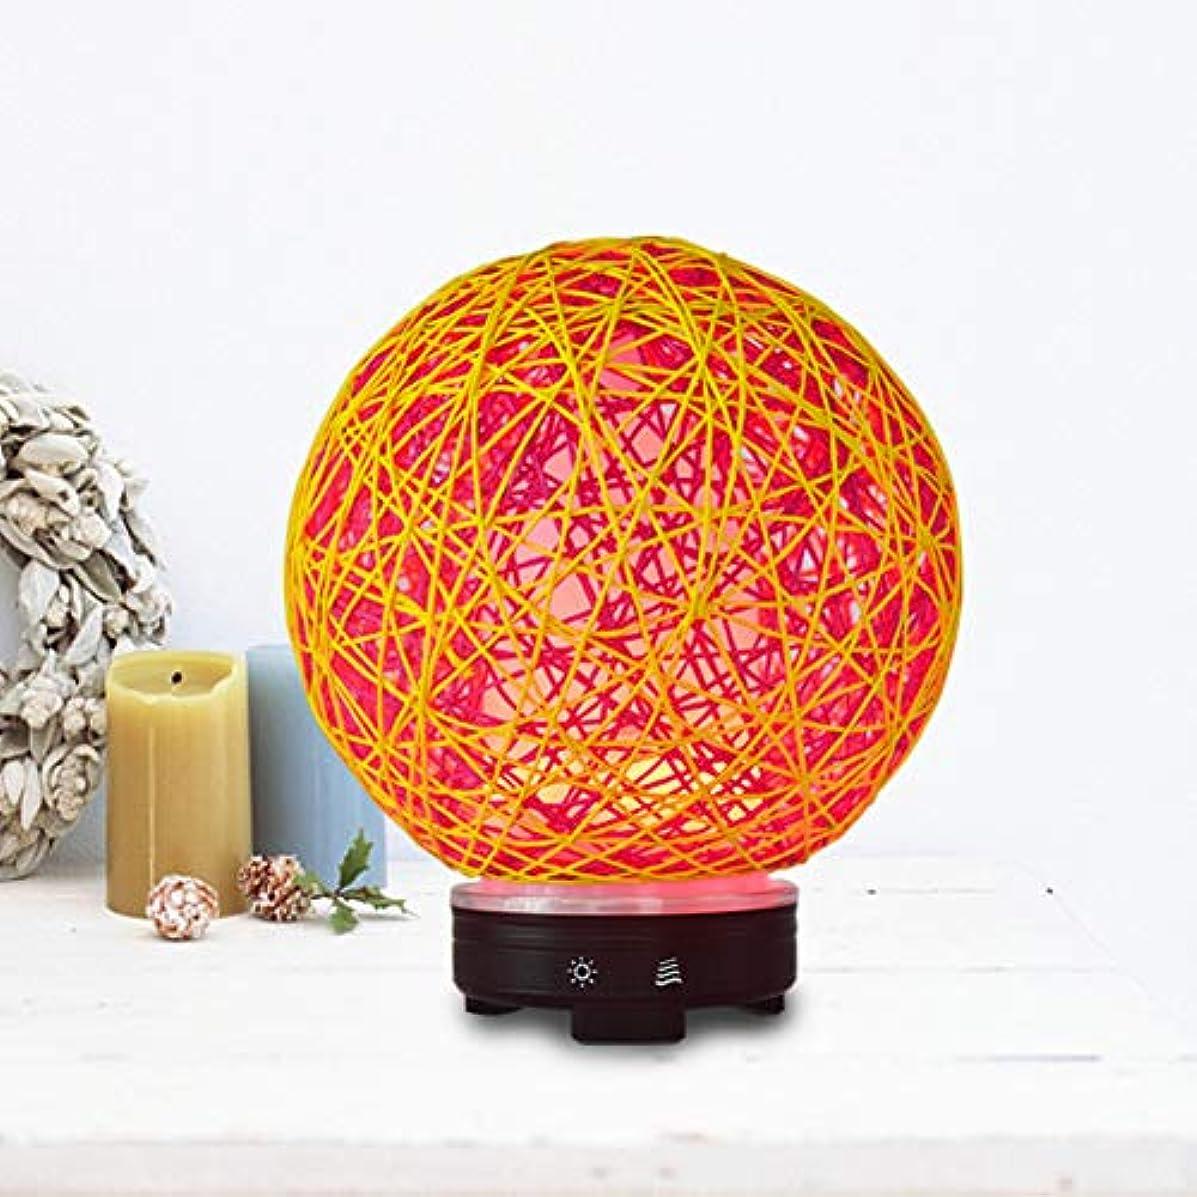 アーティキュレーション保証金不規則なラウンド 籐 クリエイティブ 加湿器,涼しい霧 7 色 空気を浄化 加湿機 時間 手動 精油 ディフューザー アロマネブライザー Yoga- 120ml